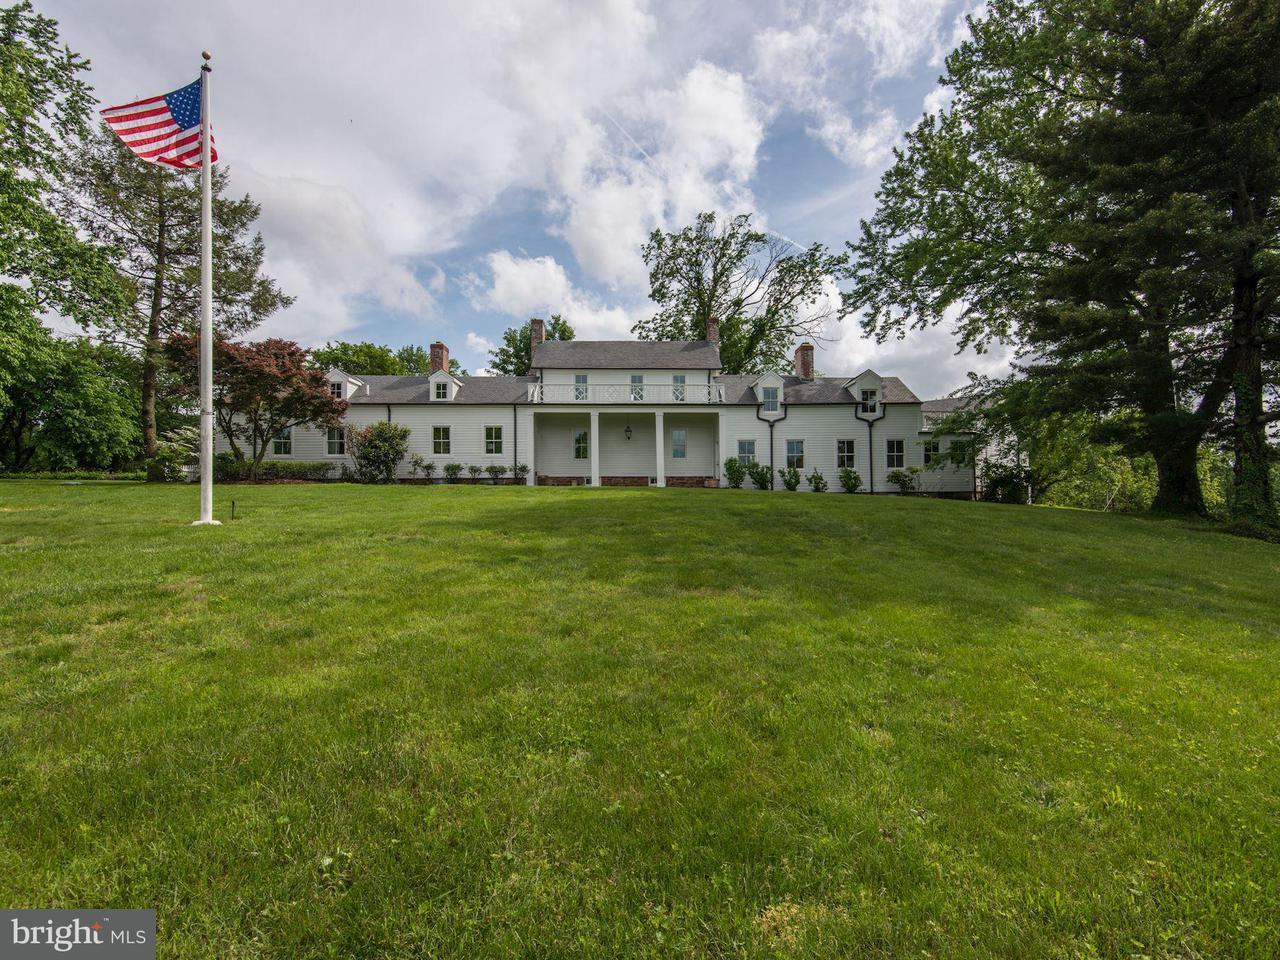 独户住宅 为 销售 在 3020 WEST OX Road 3020 WEST OX Road 奥克希尔, 弗吉尼亚州 20171 美国